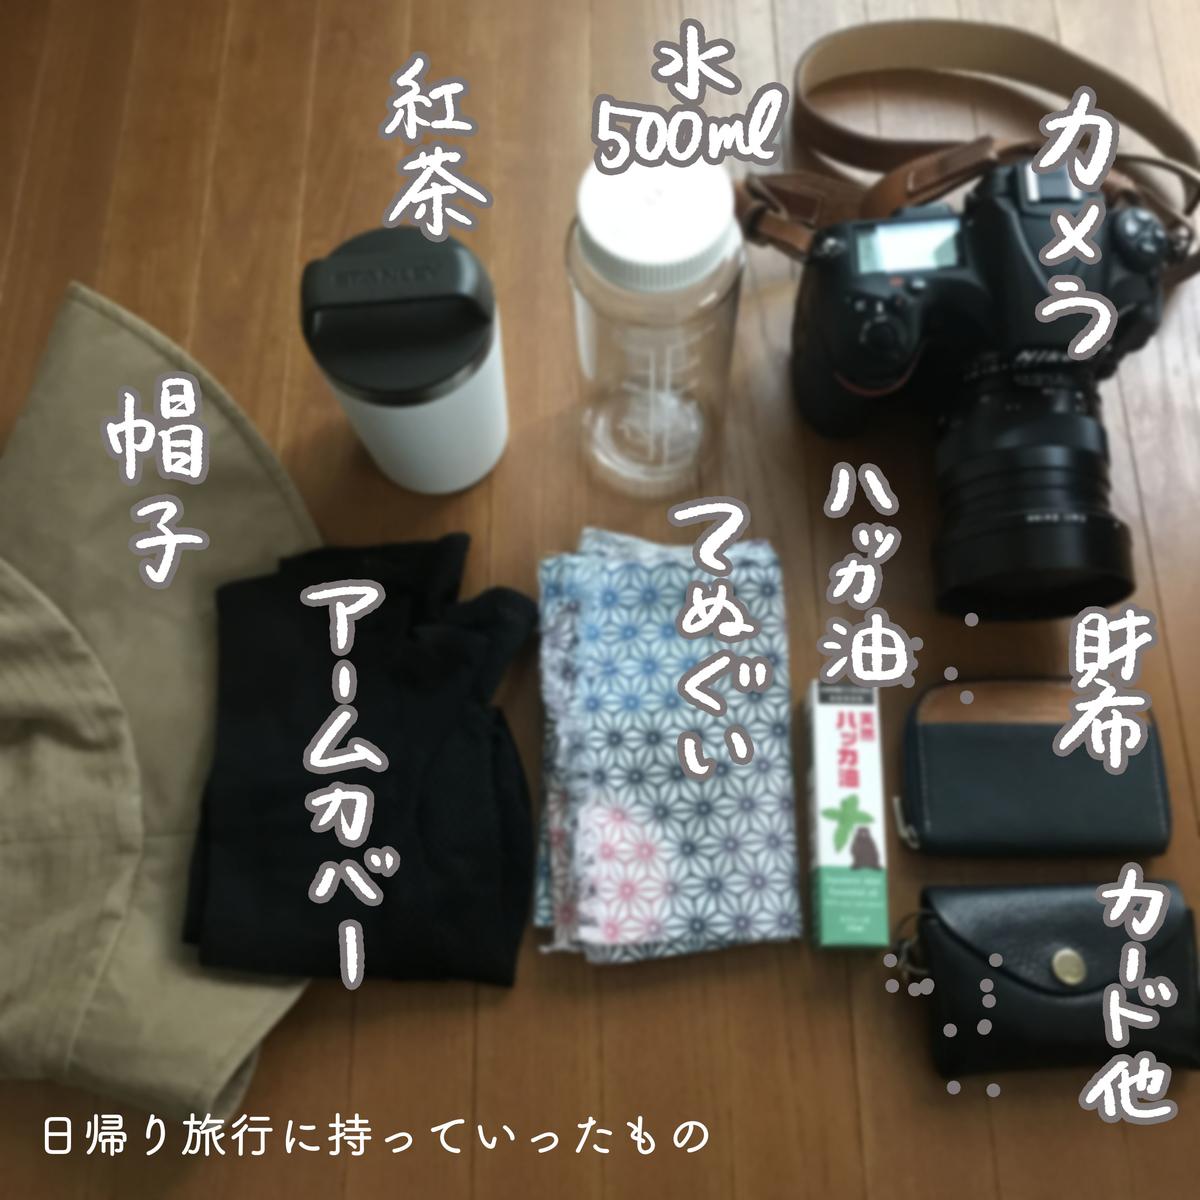 f:id:kinuyahiro:20210418194401j:plain